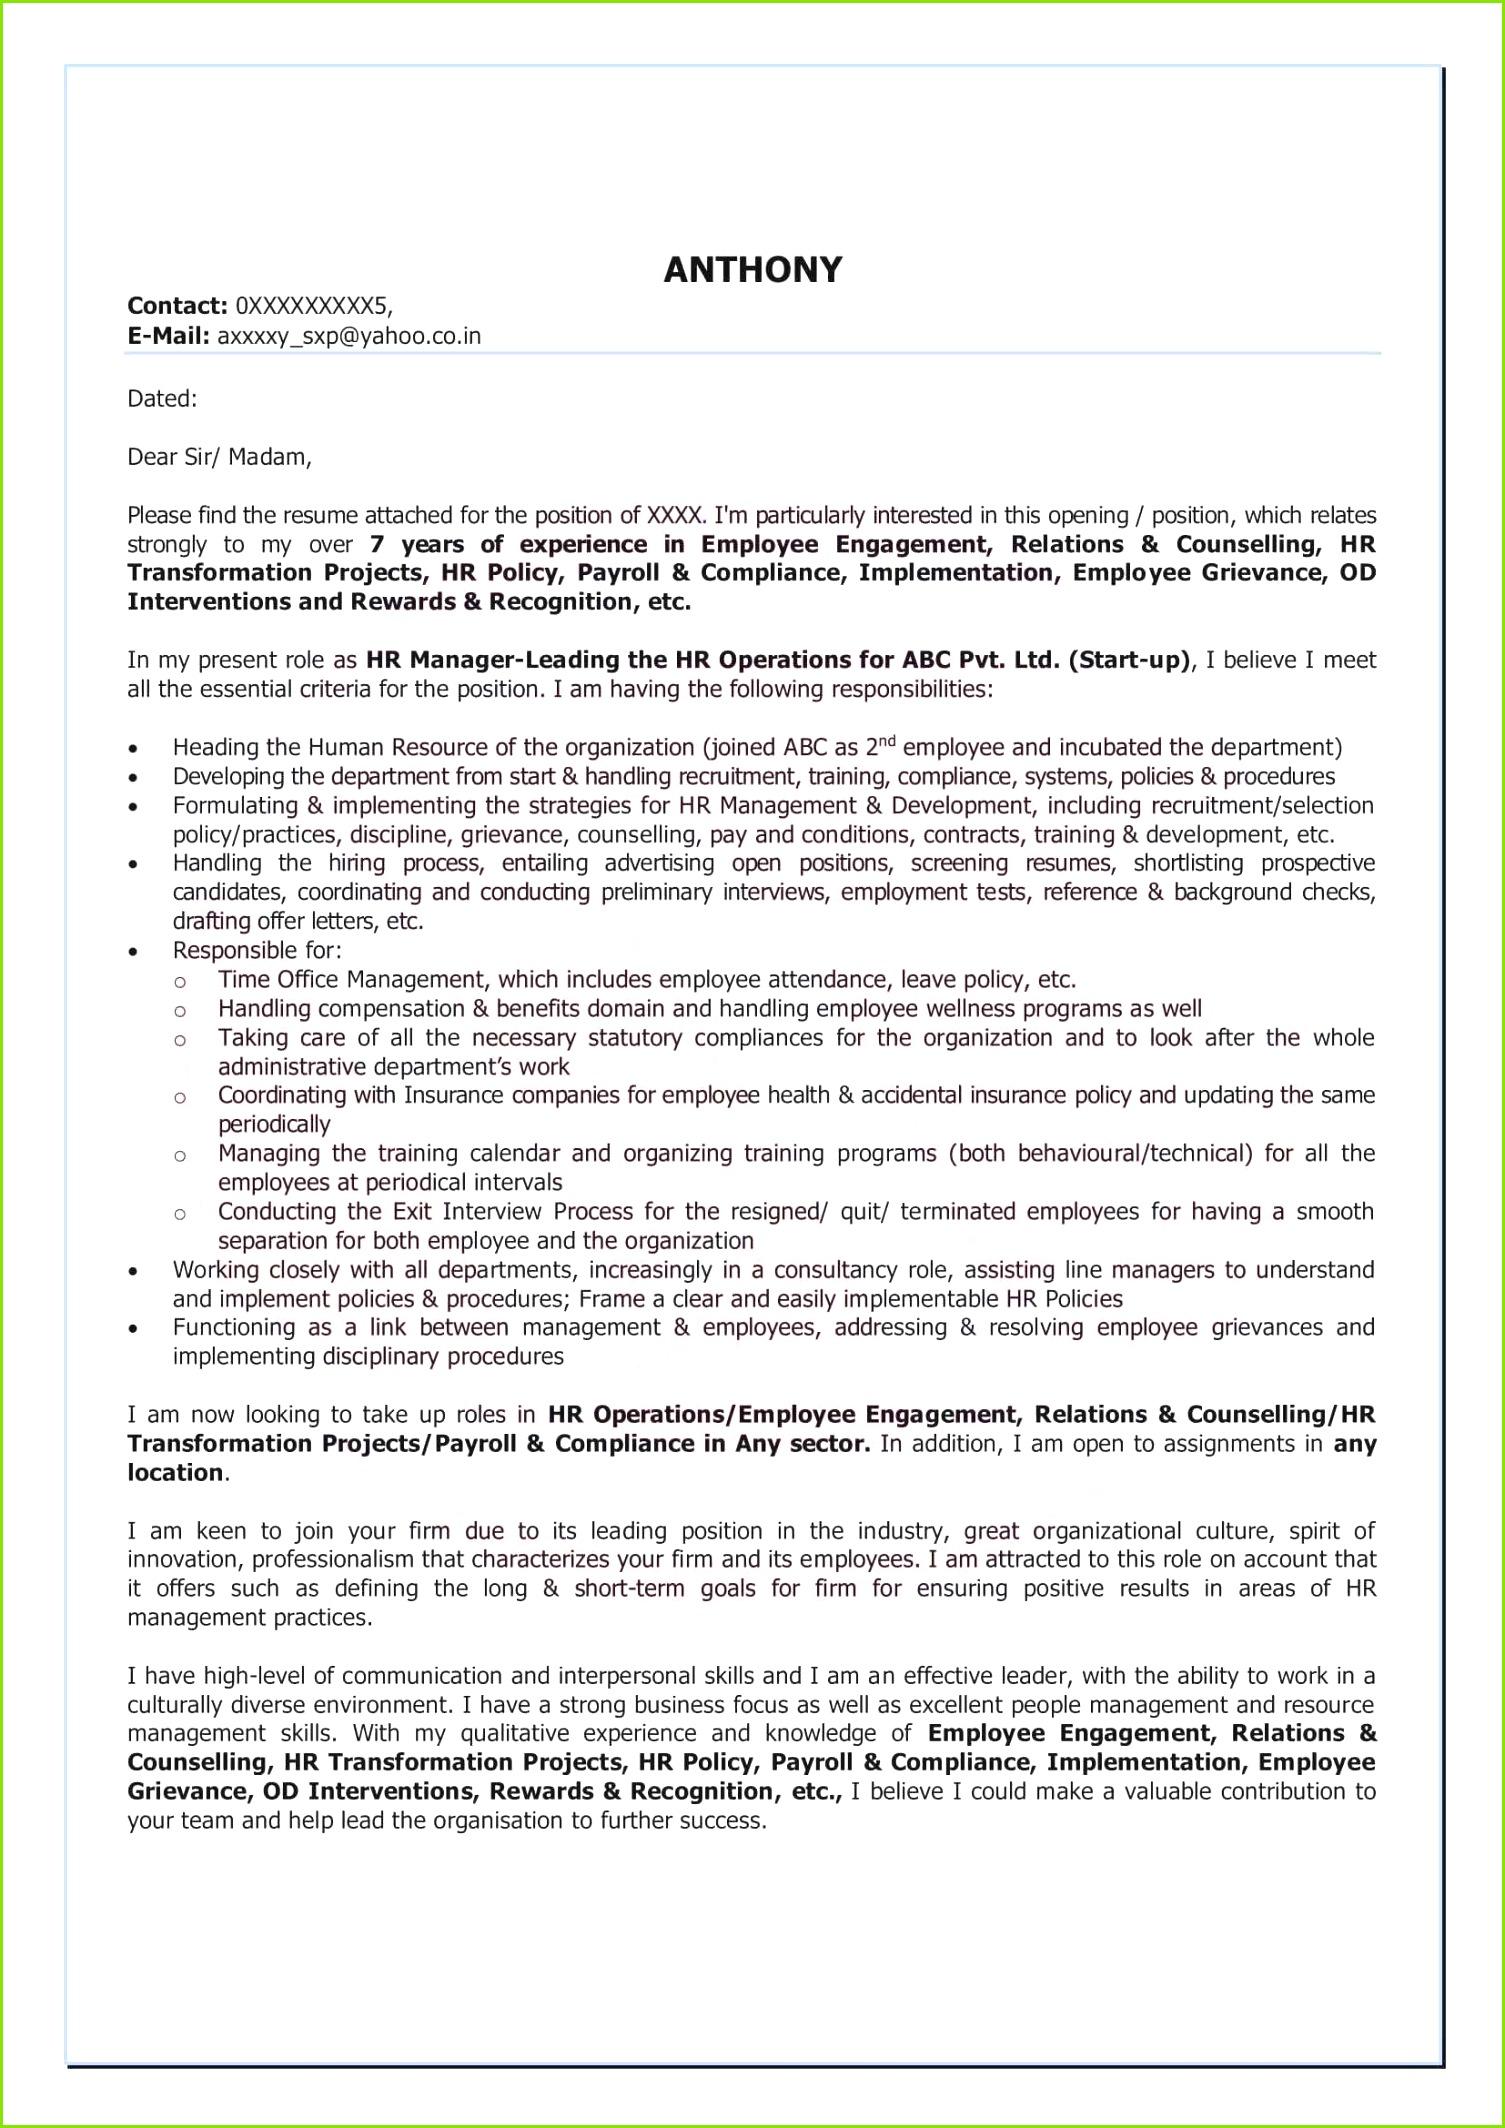 Fristgerechte Kündigung Vorlage Neu Die Erstaunliche Kabel Deutschland Kündigung Muster 36 Herunterladbare Fristgerechte Kündigung Vorlage